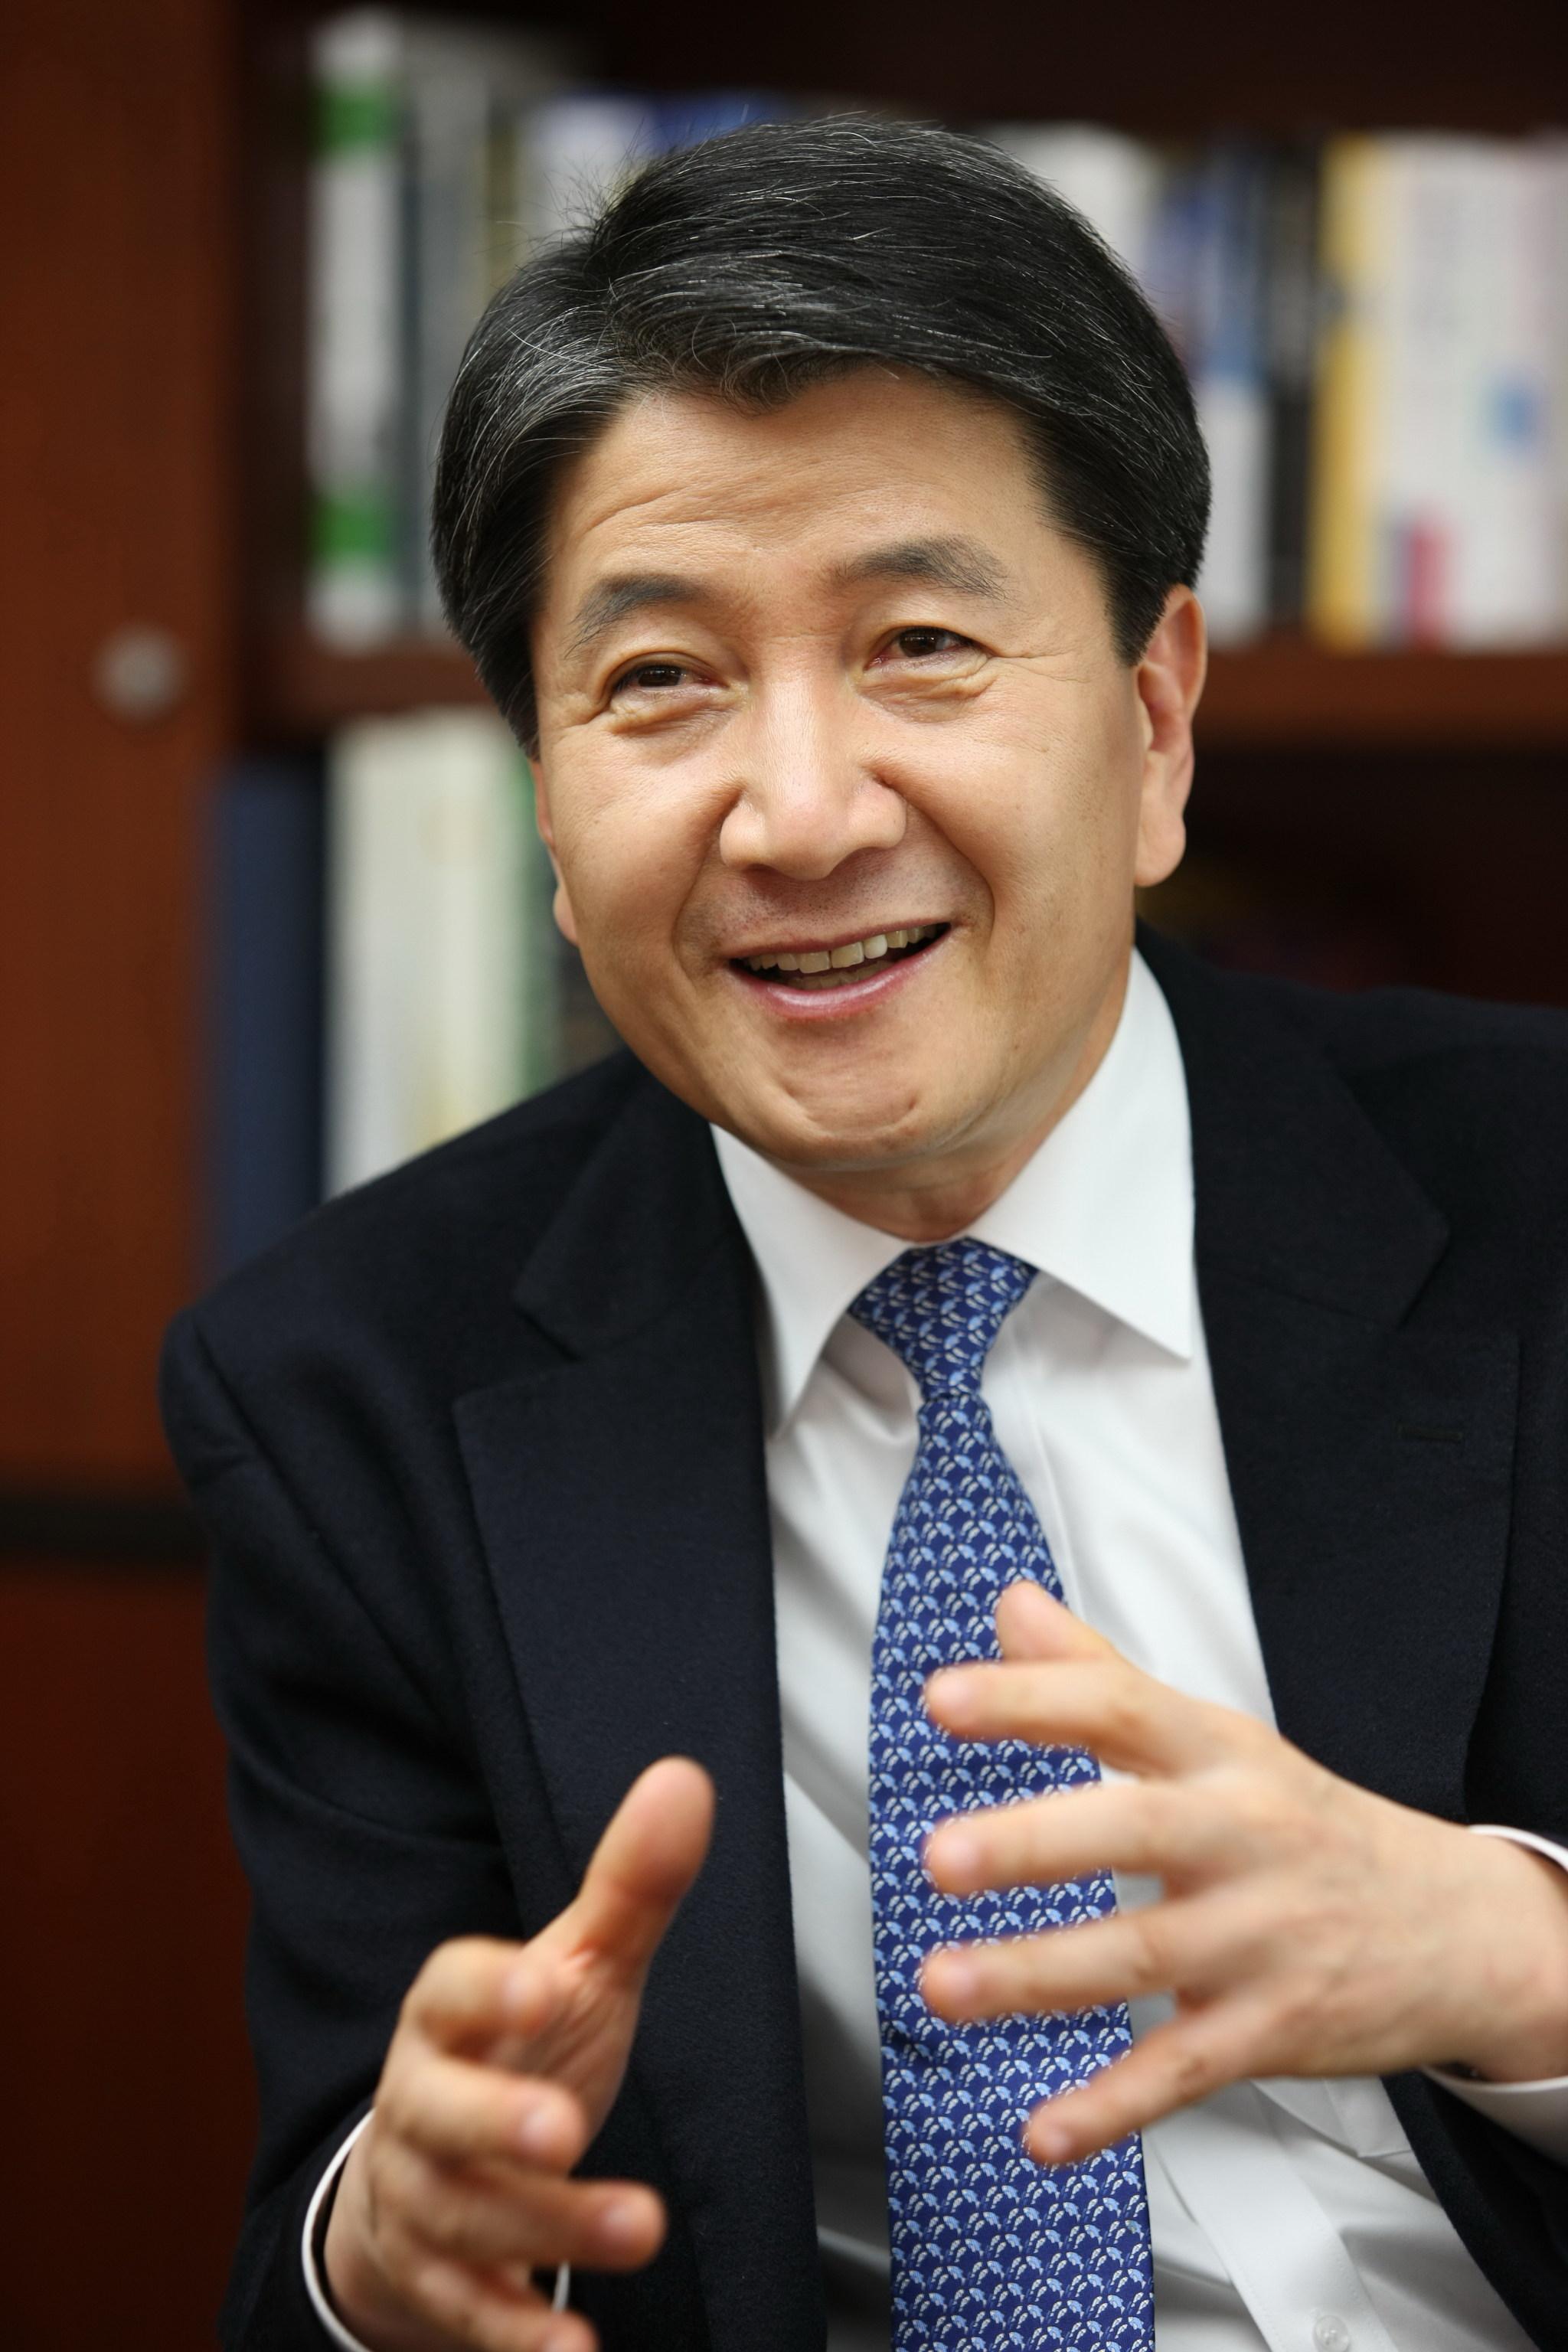 삼성생명 대표이사 김창수.